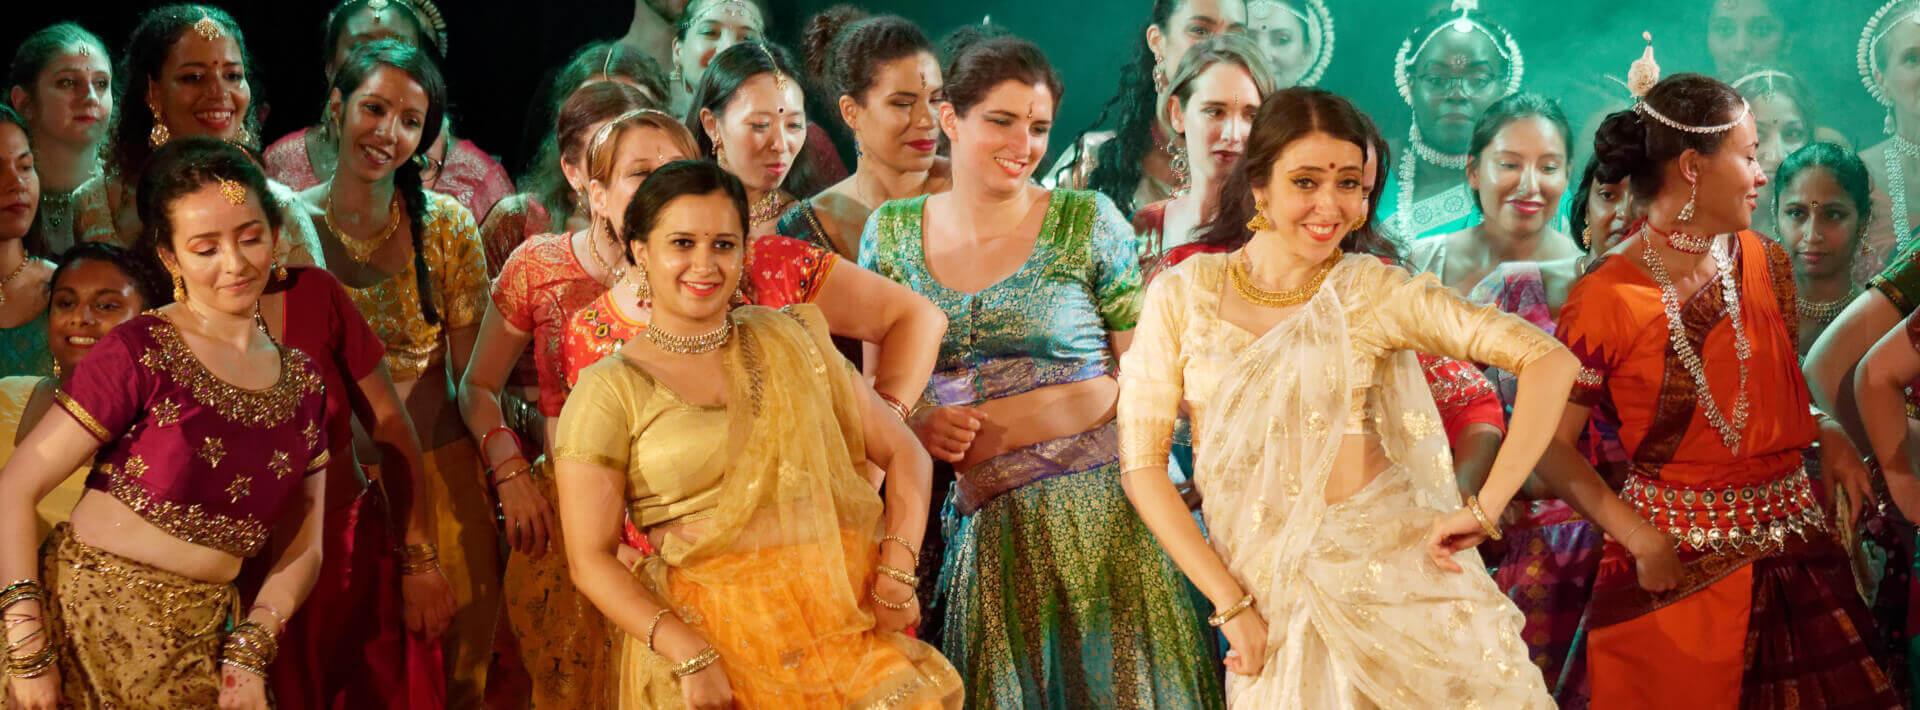 Mahina Khanum cours de danse indienne